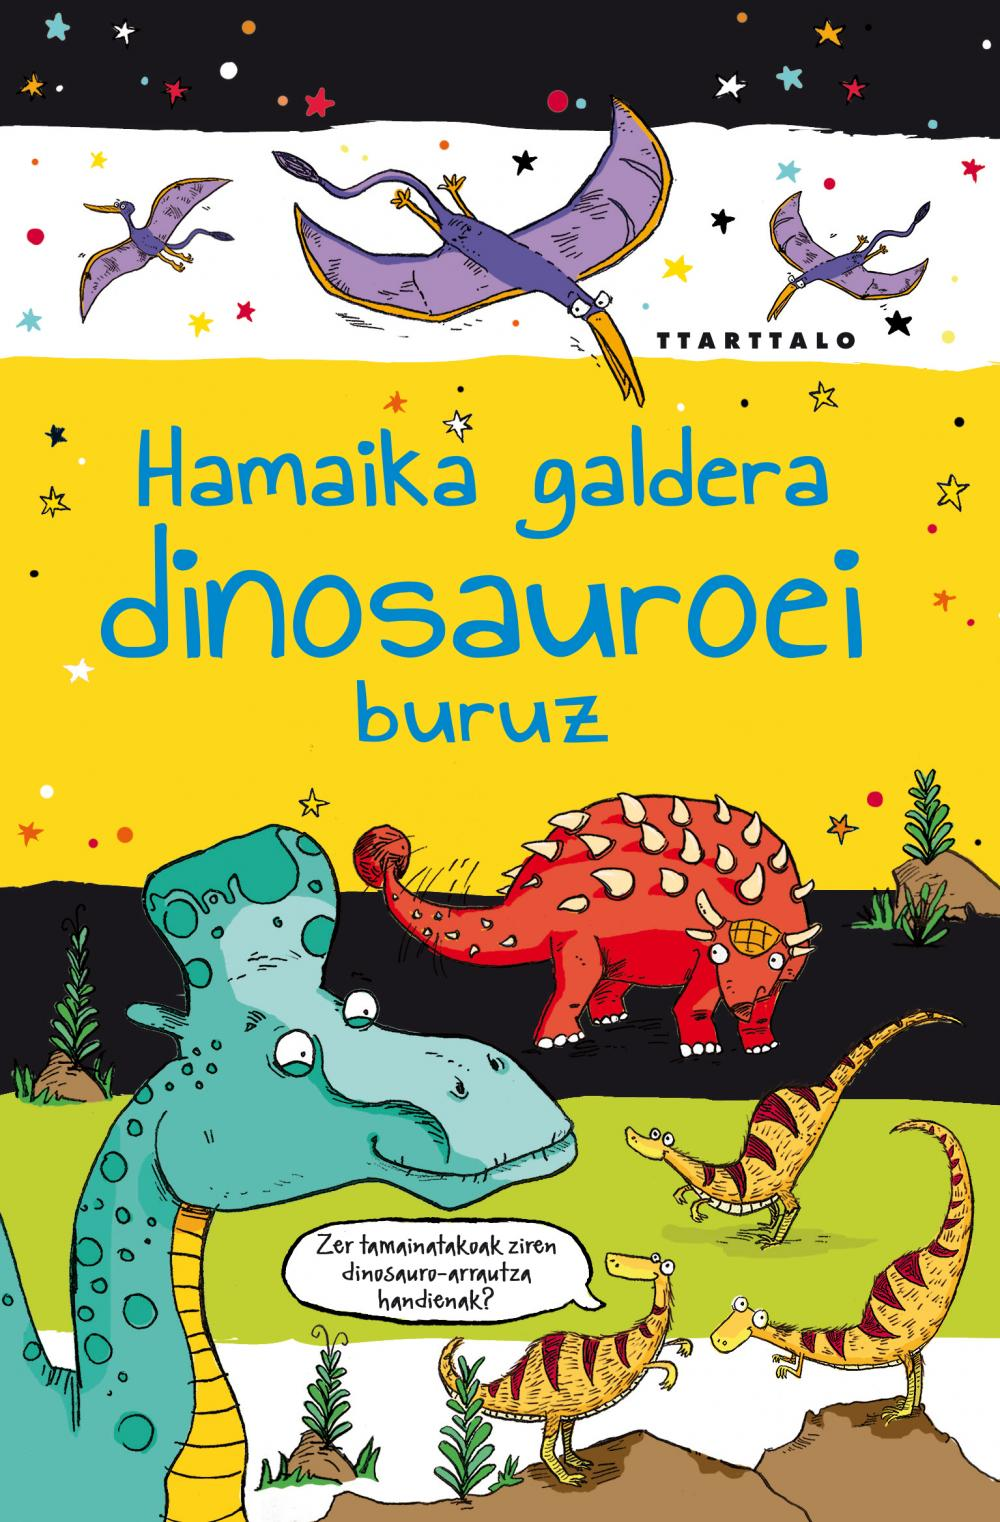 Hamaika galdera dinosauroei buruz